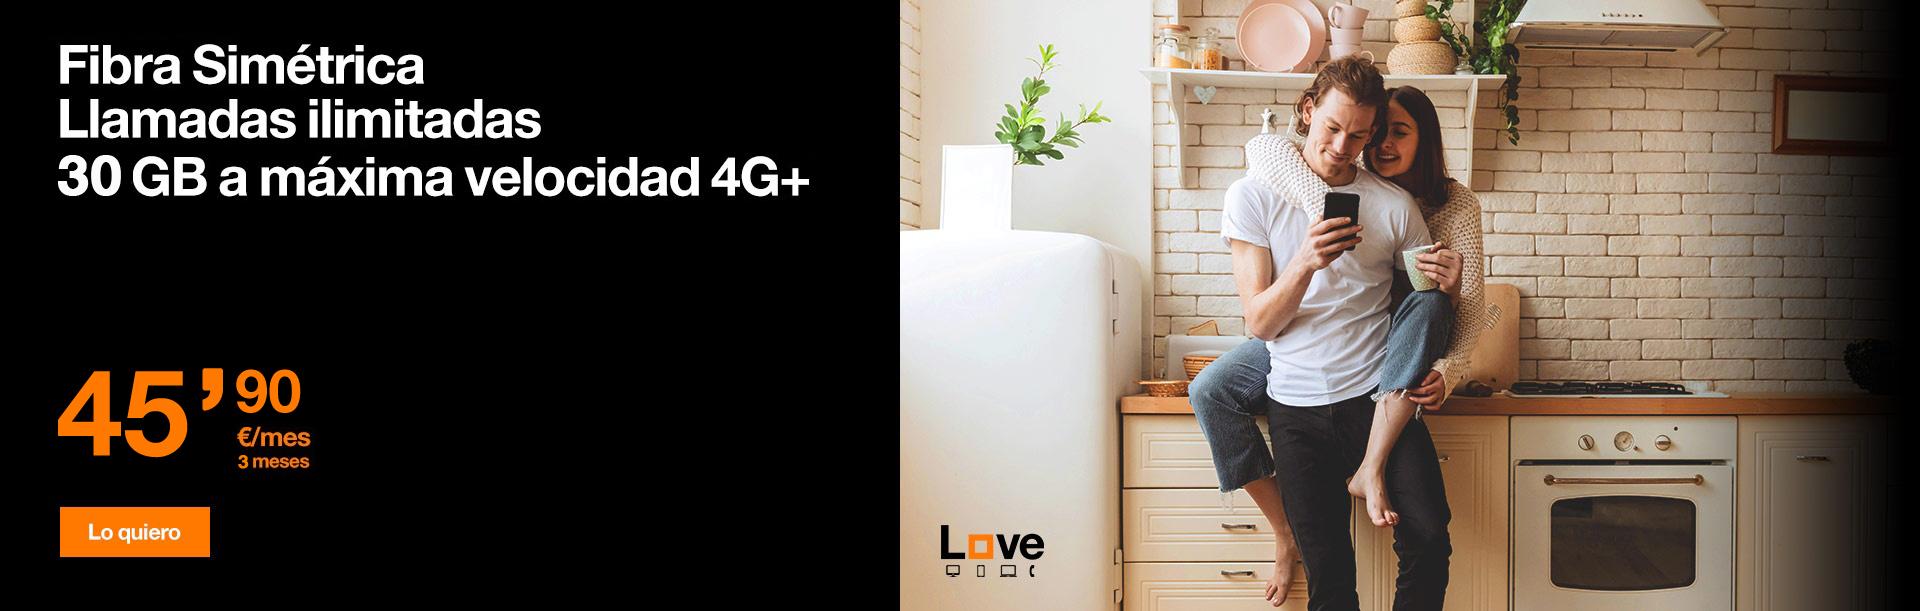 Llévate ahora nuestra nueva tarifa Love Intenso Max 2 con Fibra Simétrica + 15 GB a máxima velocidad 4G+. Además, llamadas ilimitadas y Netflix incluido.¡Todo por sólo 45,90 €/mes durante 3 meses!